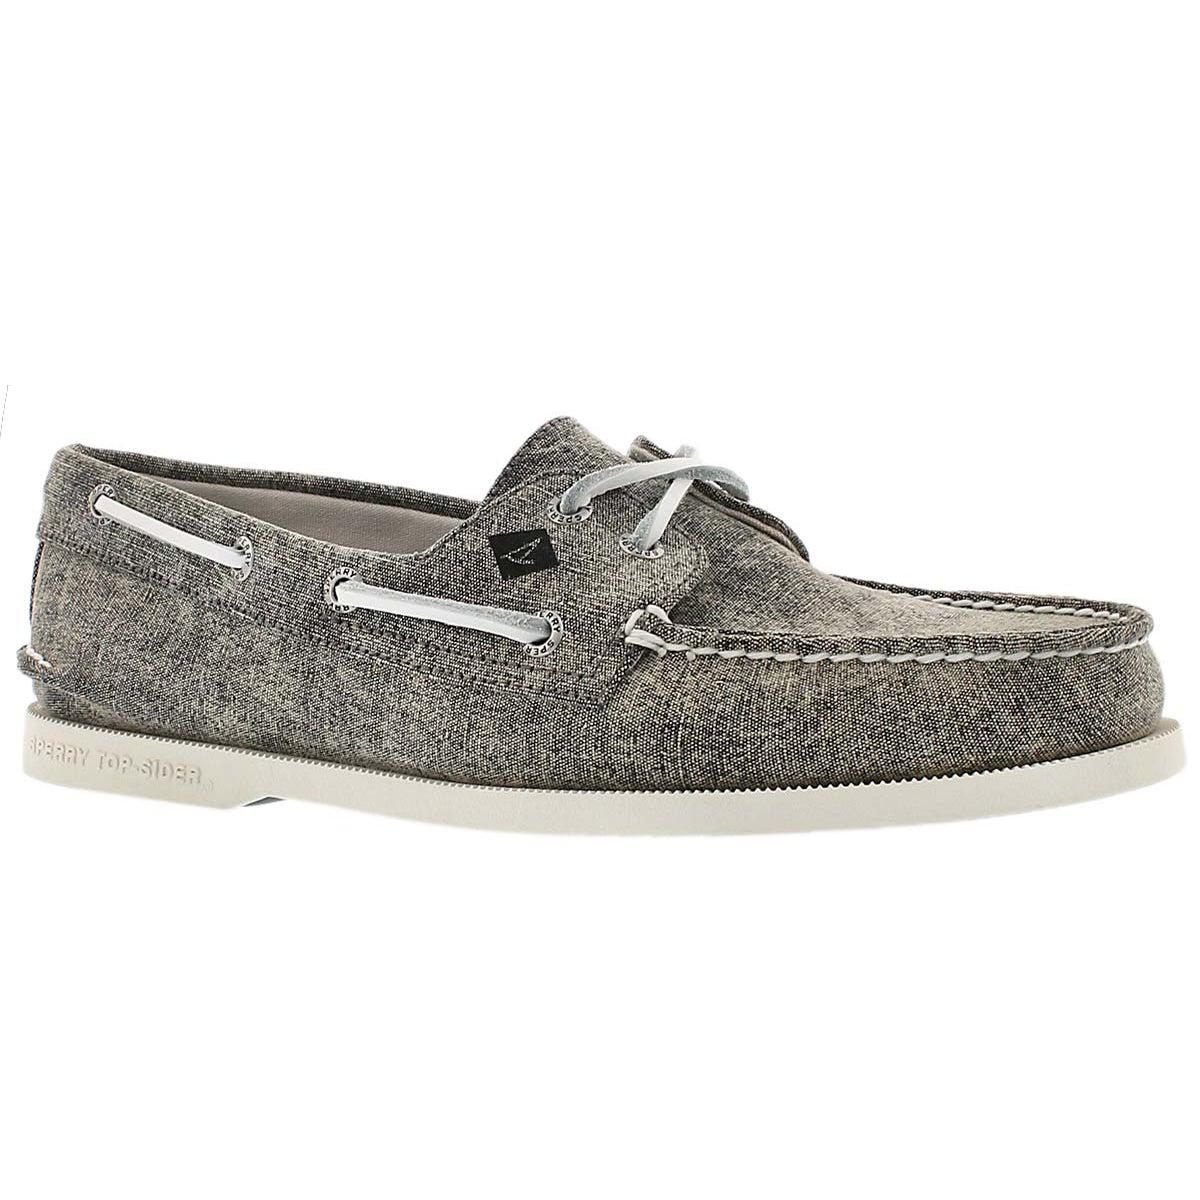 Mns A/O 2-Eye White Cap grey boat shoe